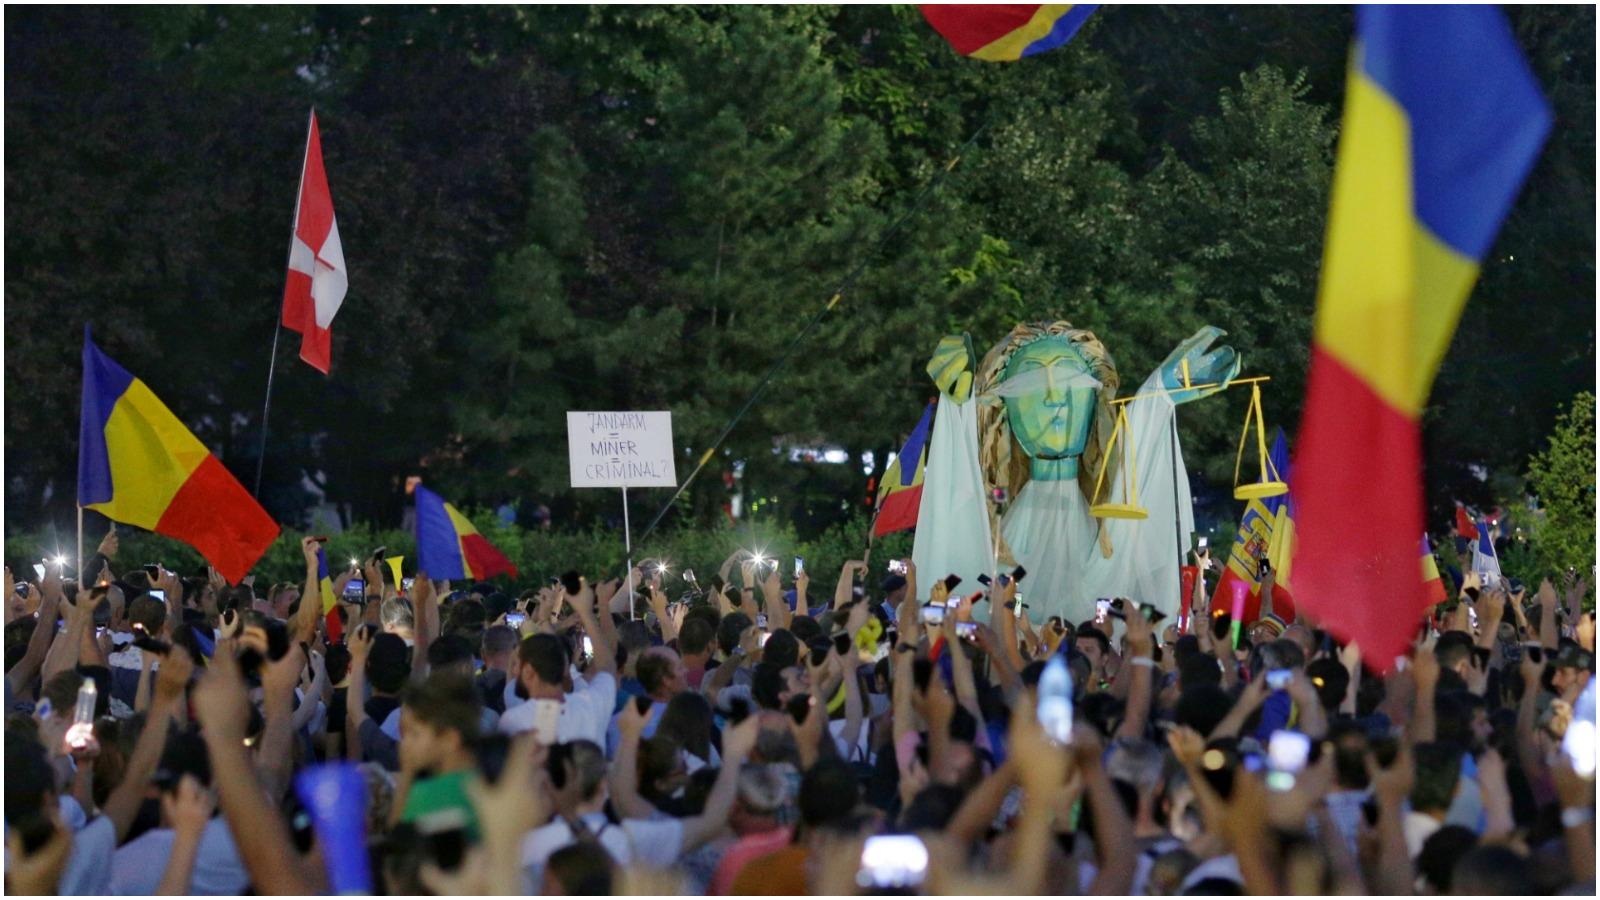 <font color=00008>Ota Tiefenböck:</font color> Rumænerne demonstrerer igen mod landets korrupte ledelse, men det bliver svært at skabe et bedre samfund, så længe de ressourcestærke borgere flytter til Vesteuropa